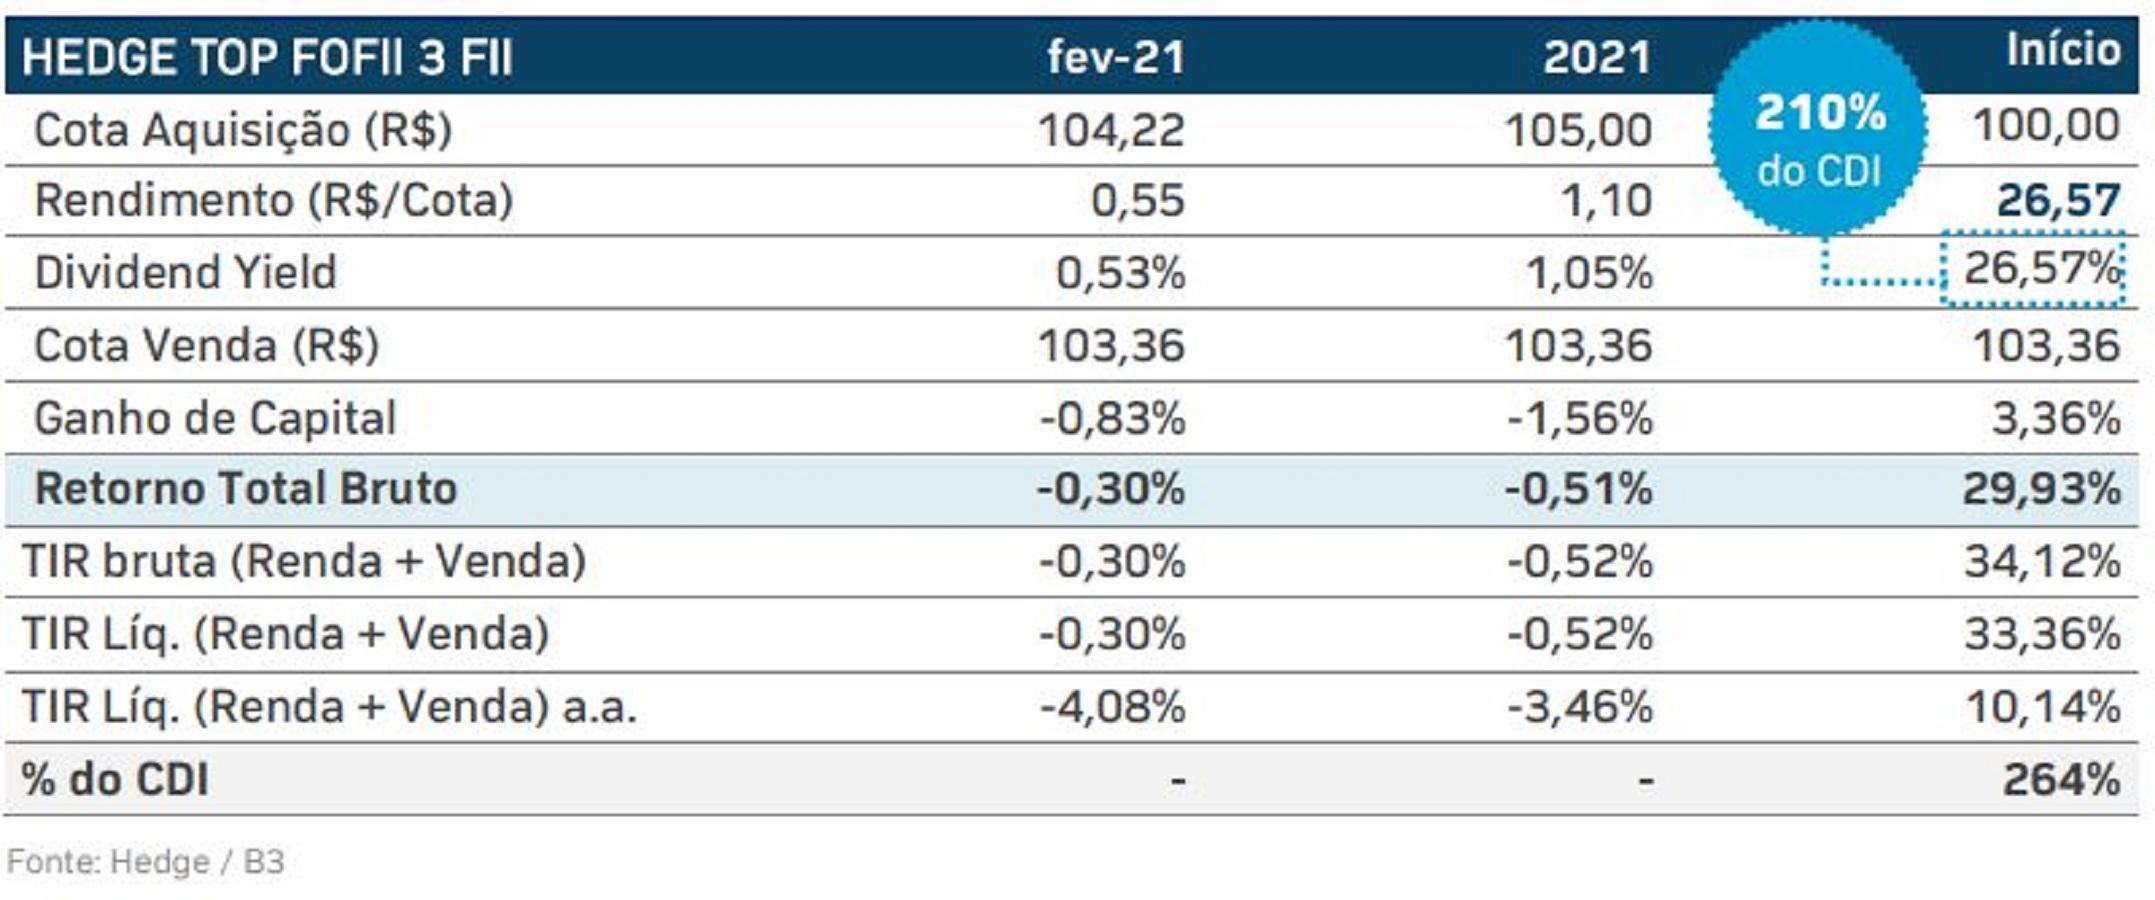 HFOF11 traz previsões para economia dos investimentos